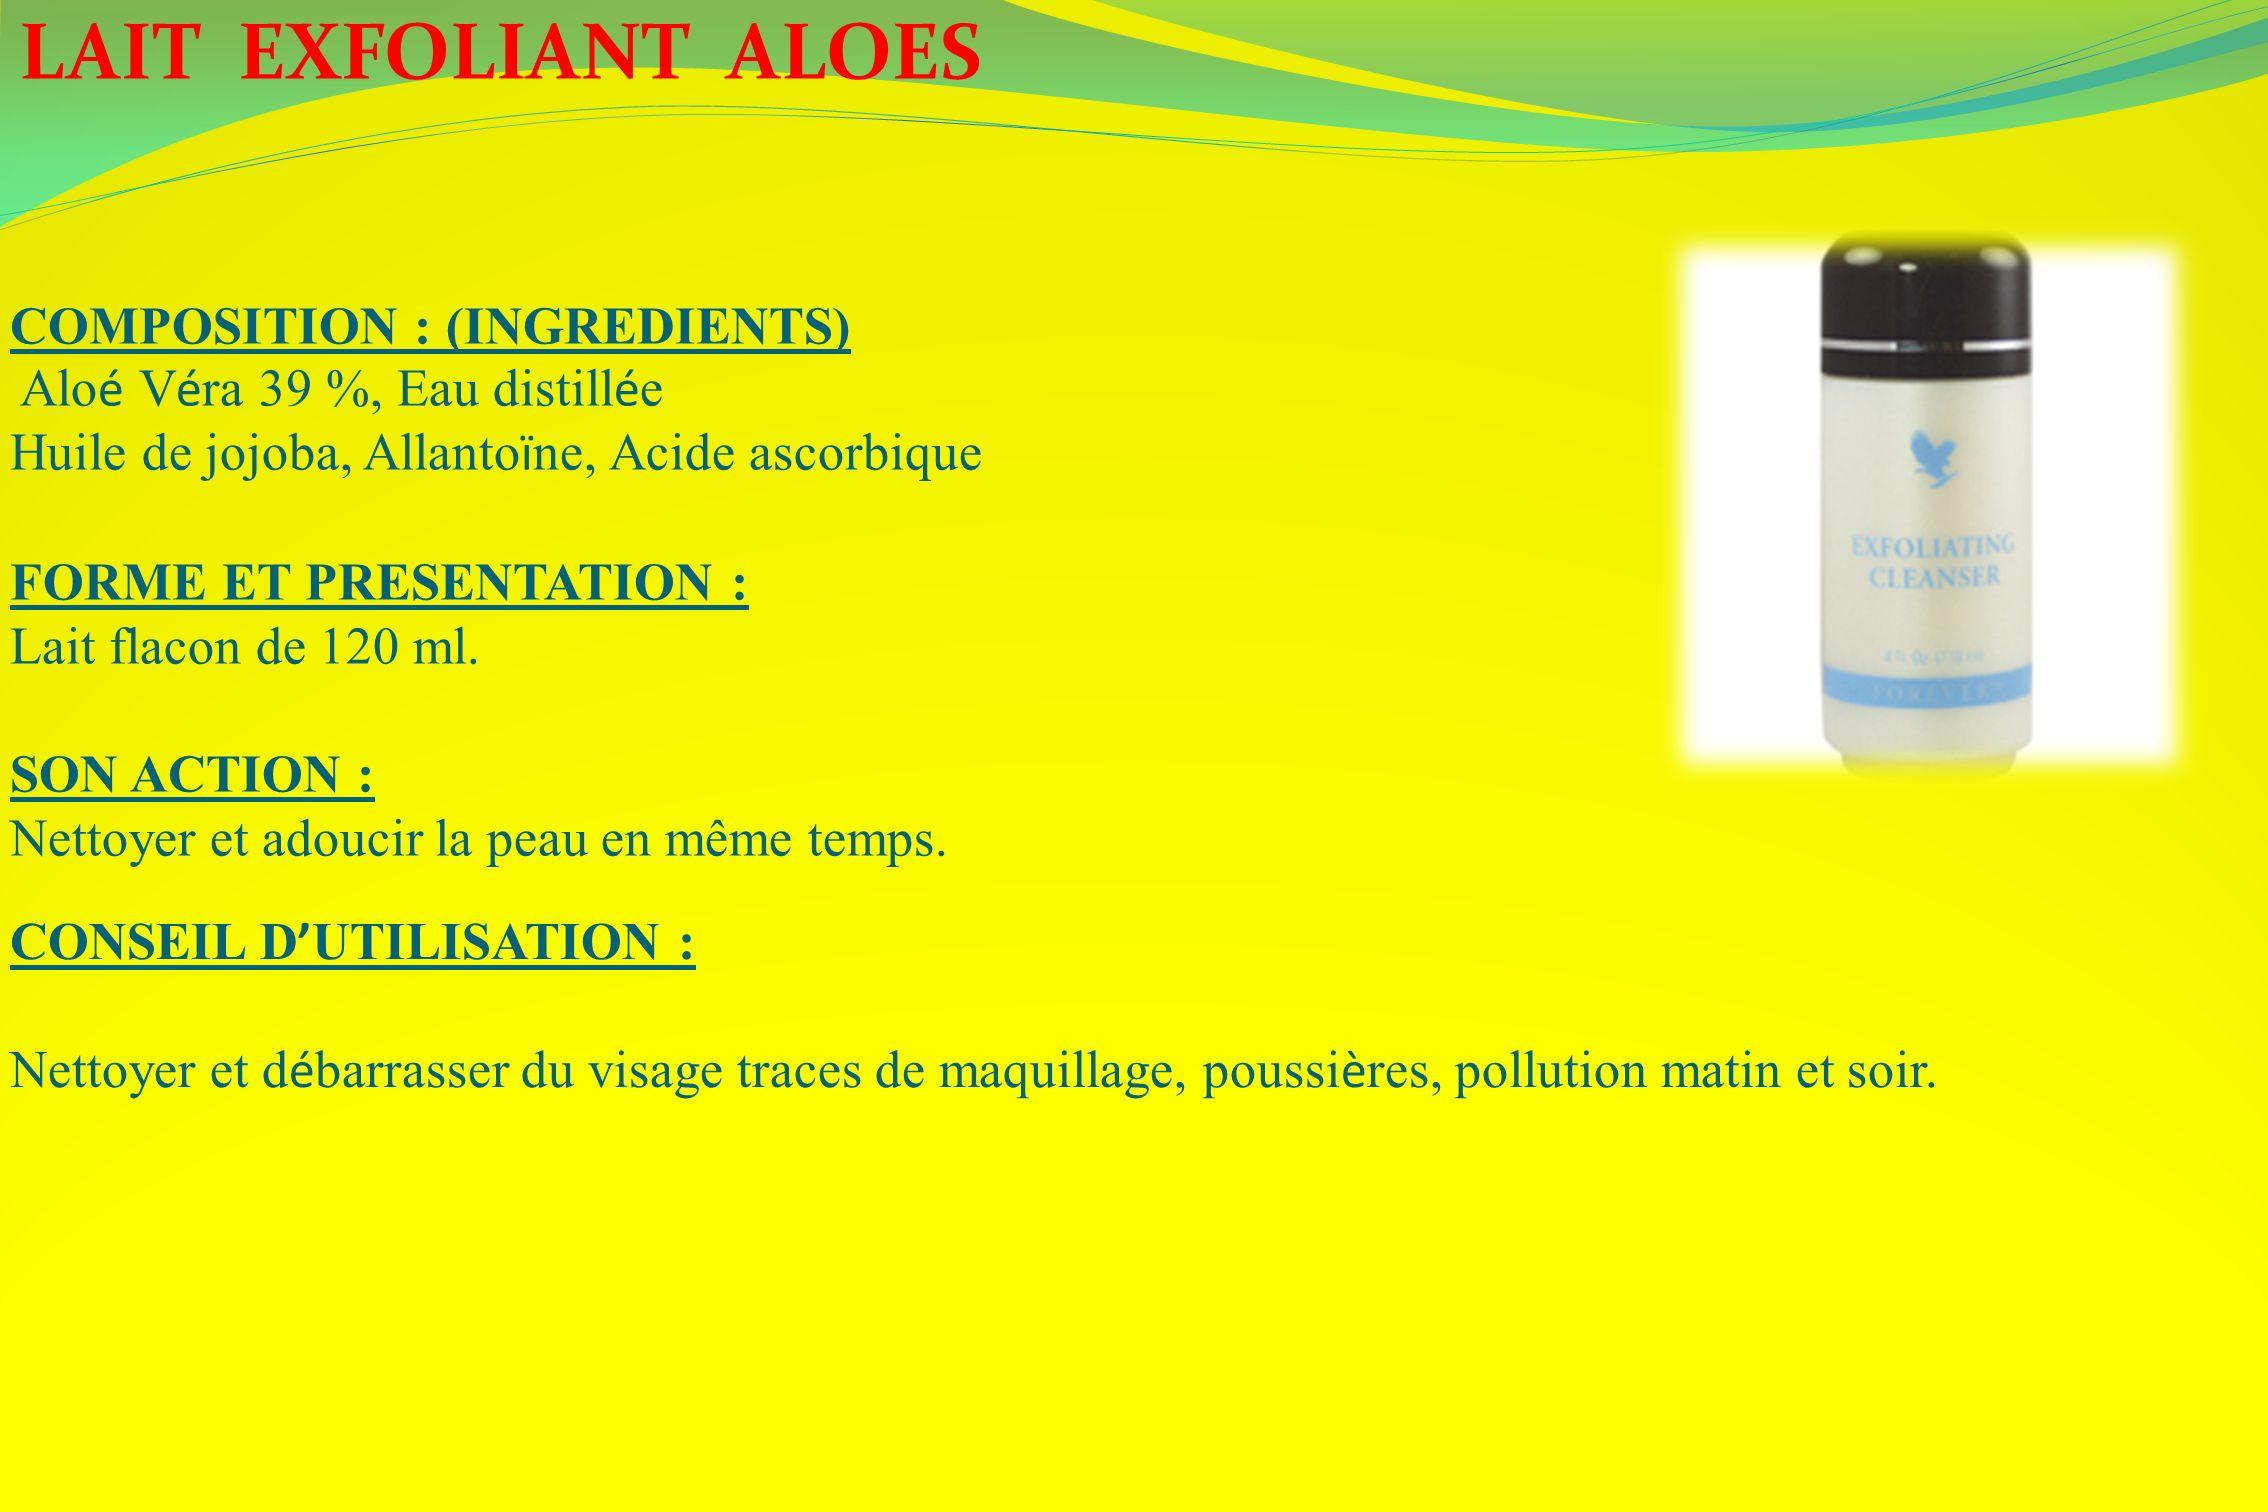 LAIT EXFOLIANT ALOES COMPOSITION : (INGREDIENTS) Alo é V é ra 39 %, Eau distill é e Huile de jojoba, Allanto ï ne, Acide ascorbique FORME ET PRESENTAT